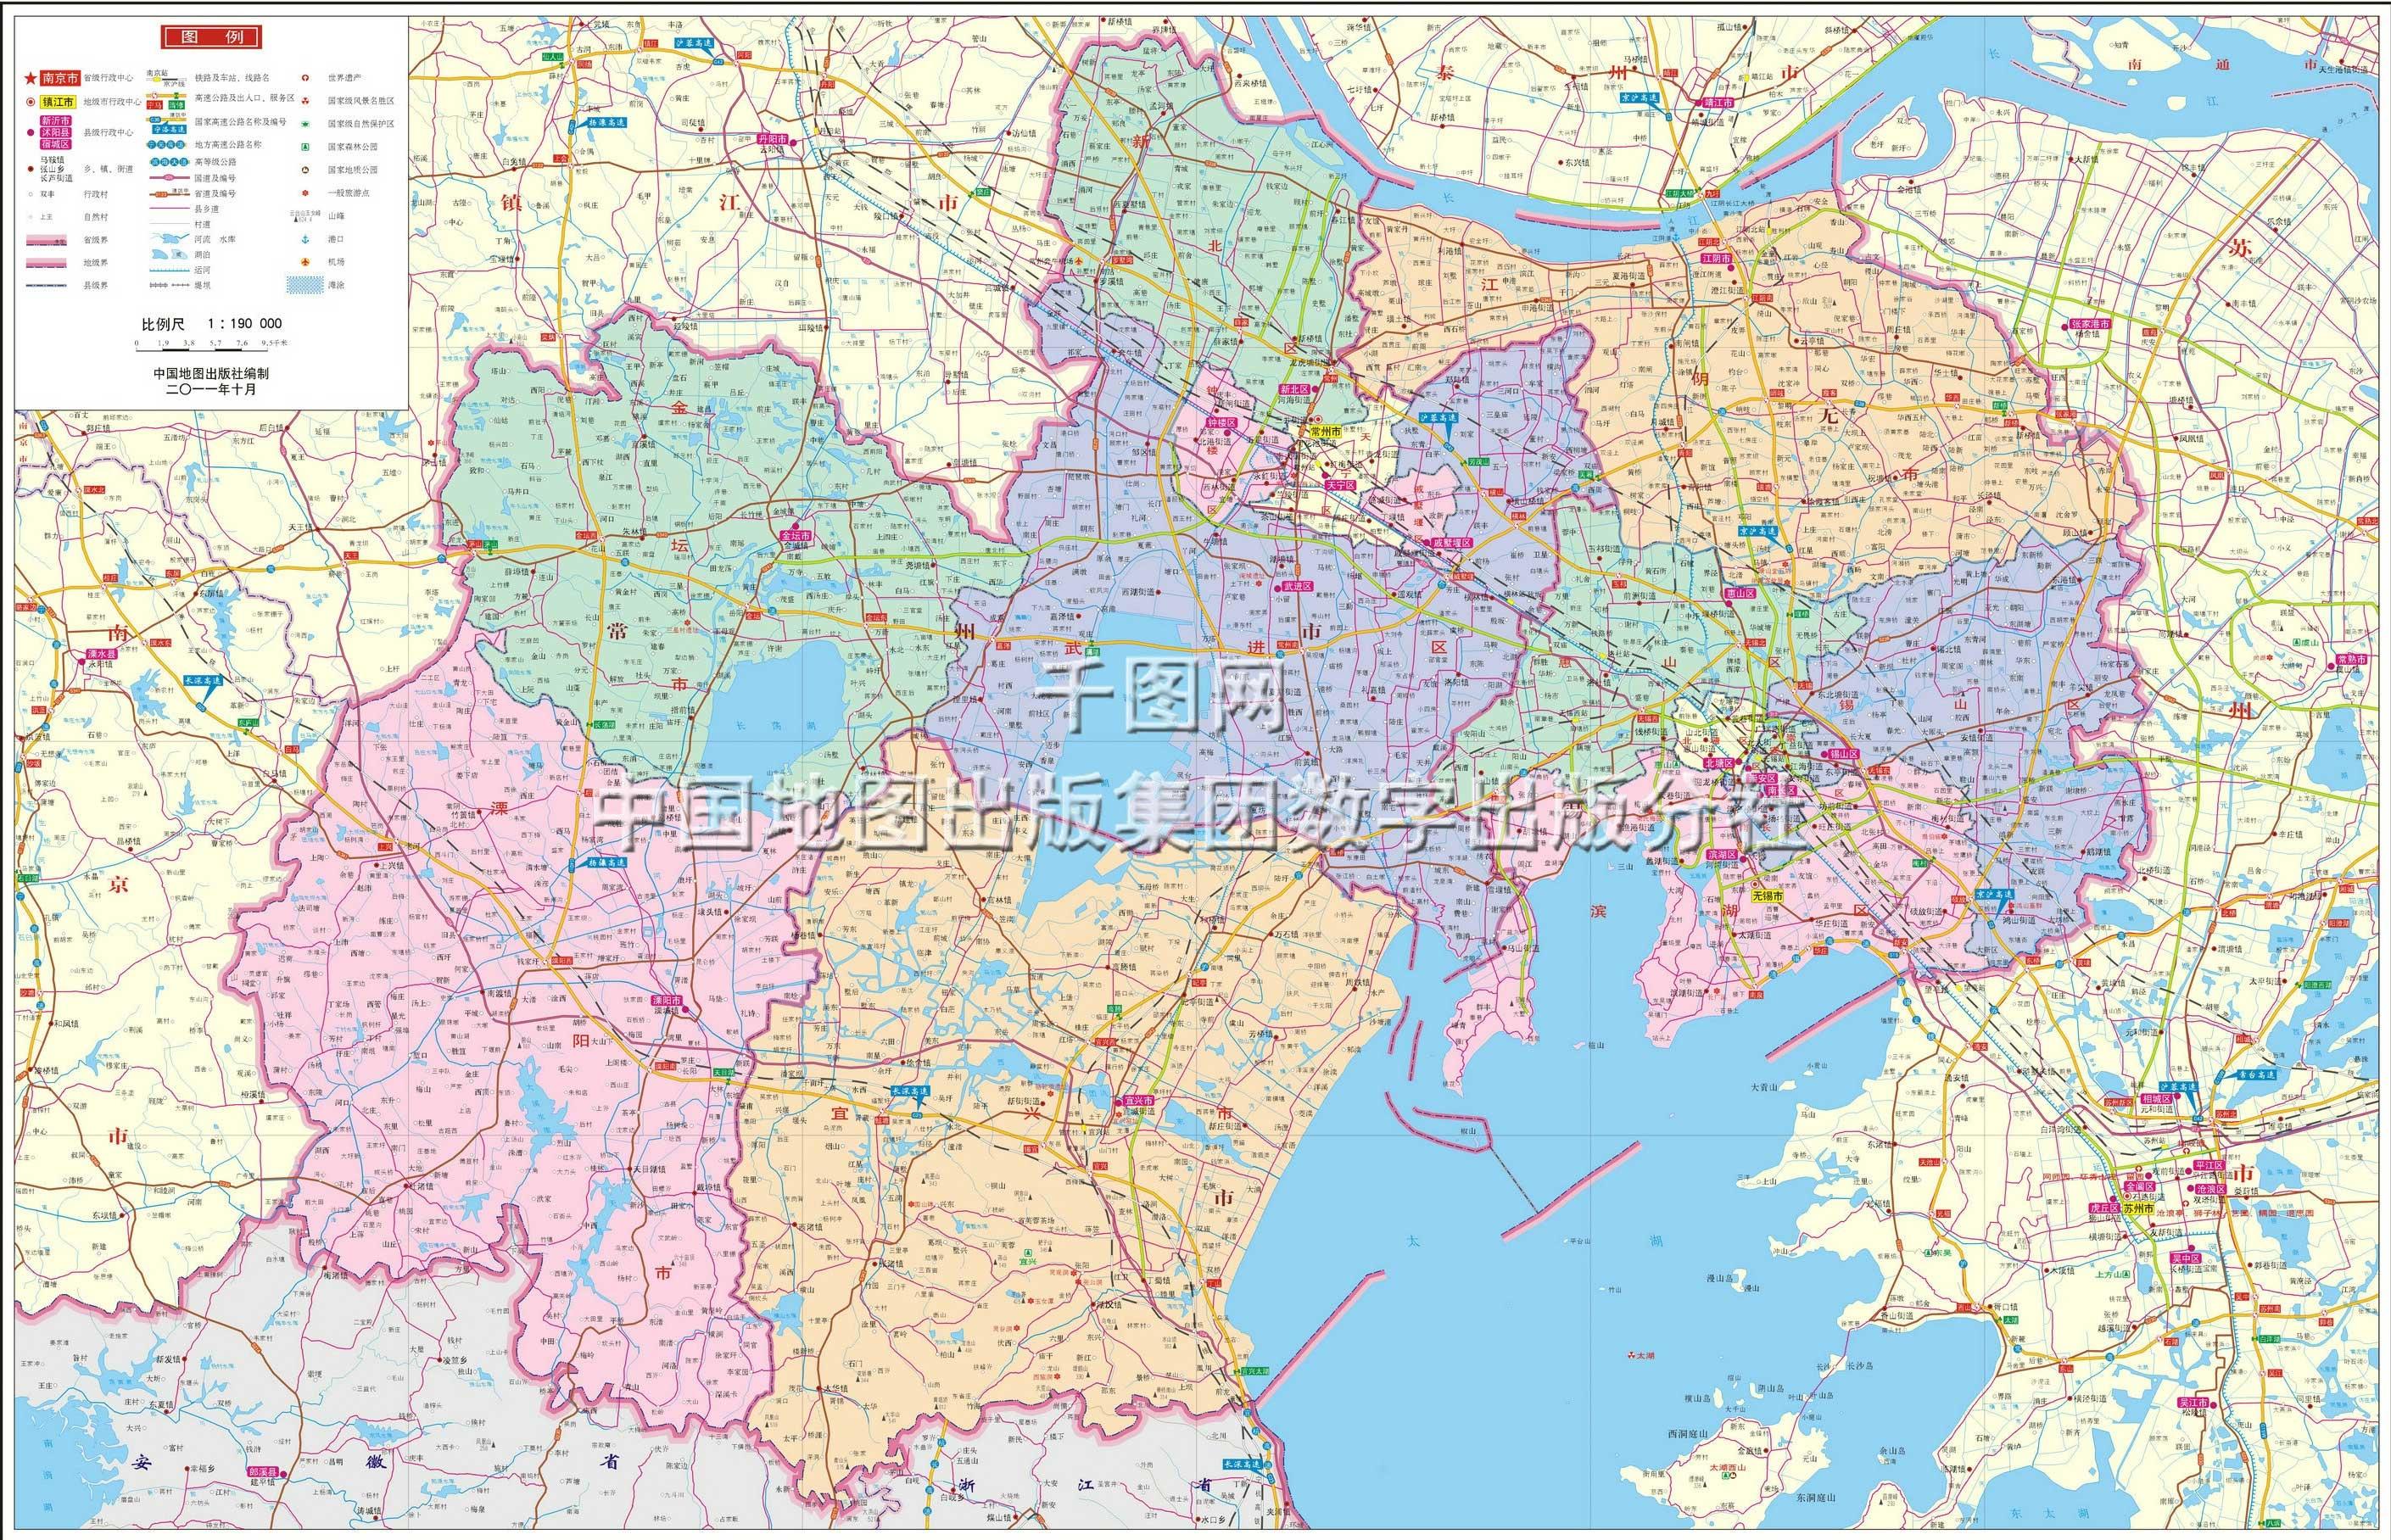 地图窝 中国地图 江苏 无锡 >> 无锡市地图地图高清版